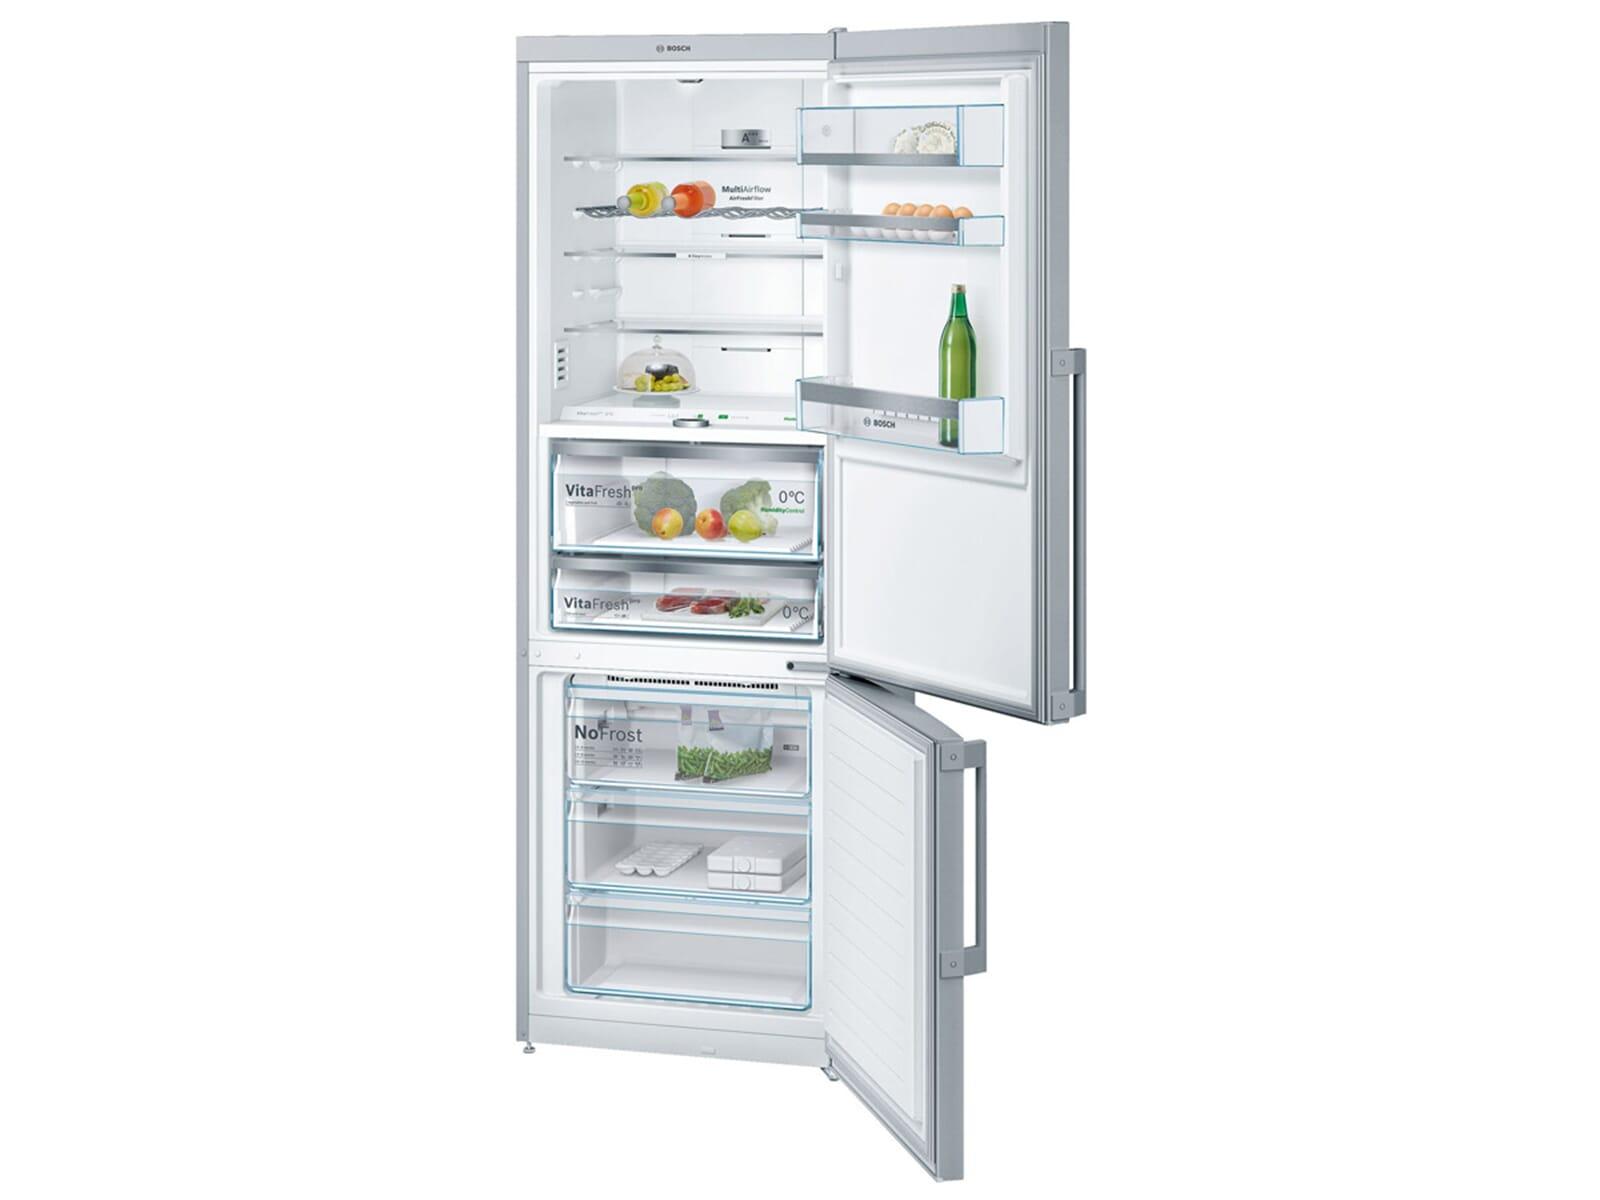 Bosch Kühlschrank Türanschlag Wechseln : Bosch kühl gefrierkombination türanschlag wechseln: kühlschranktür